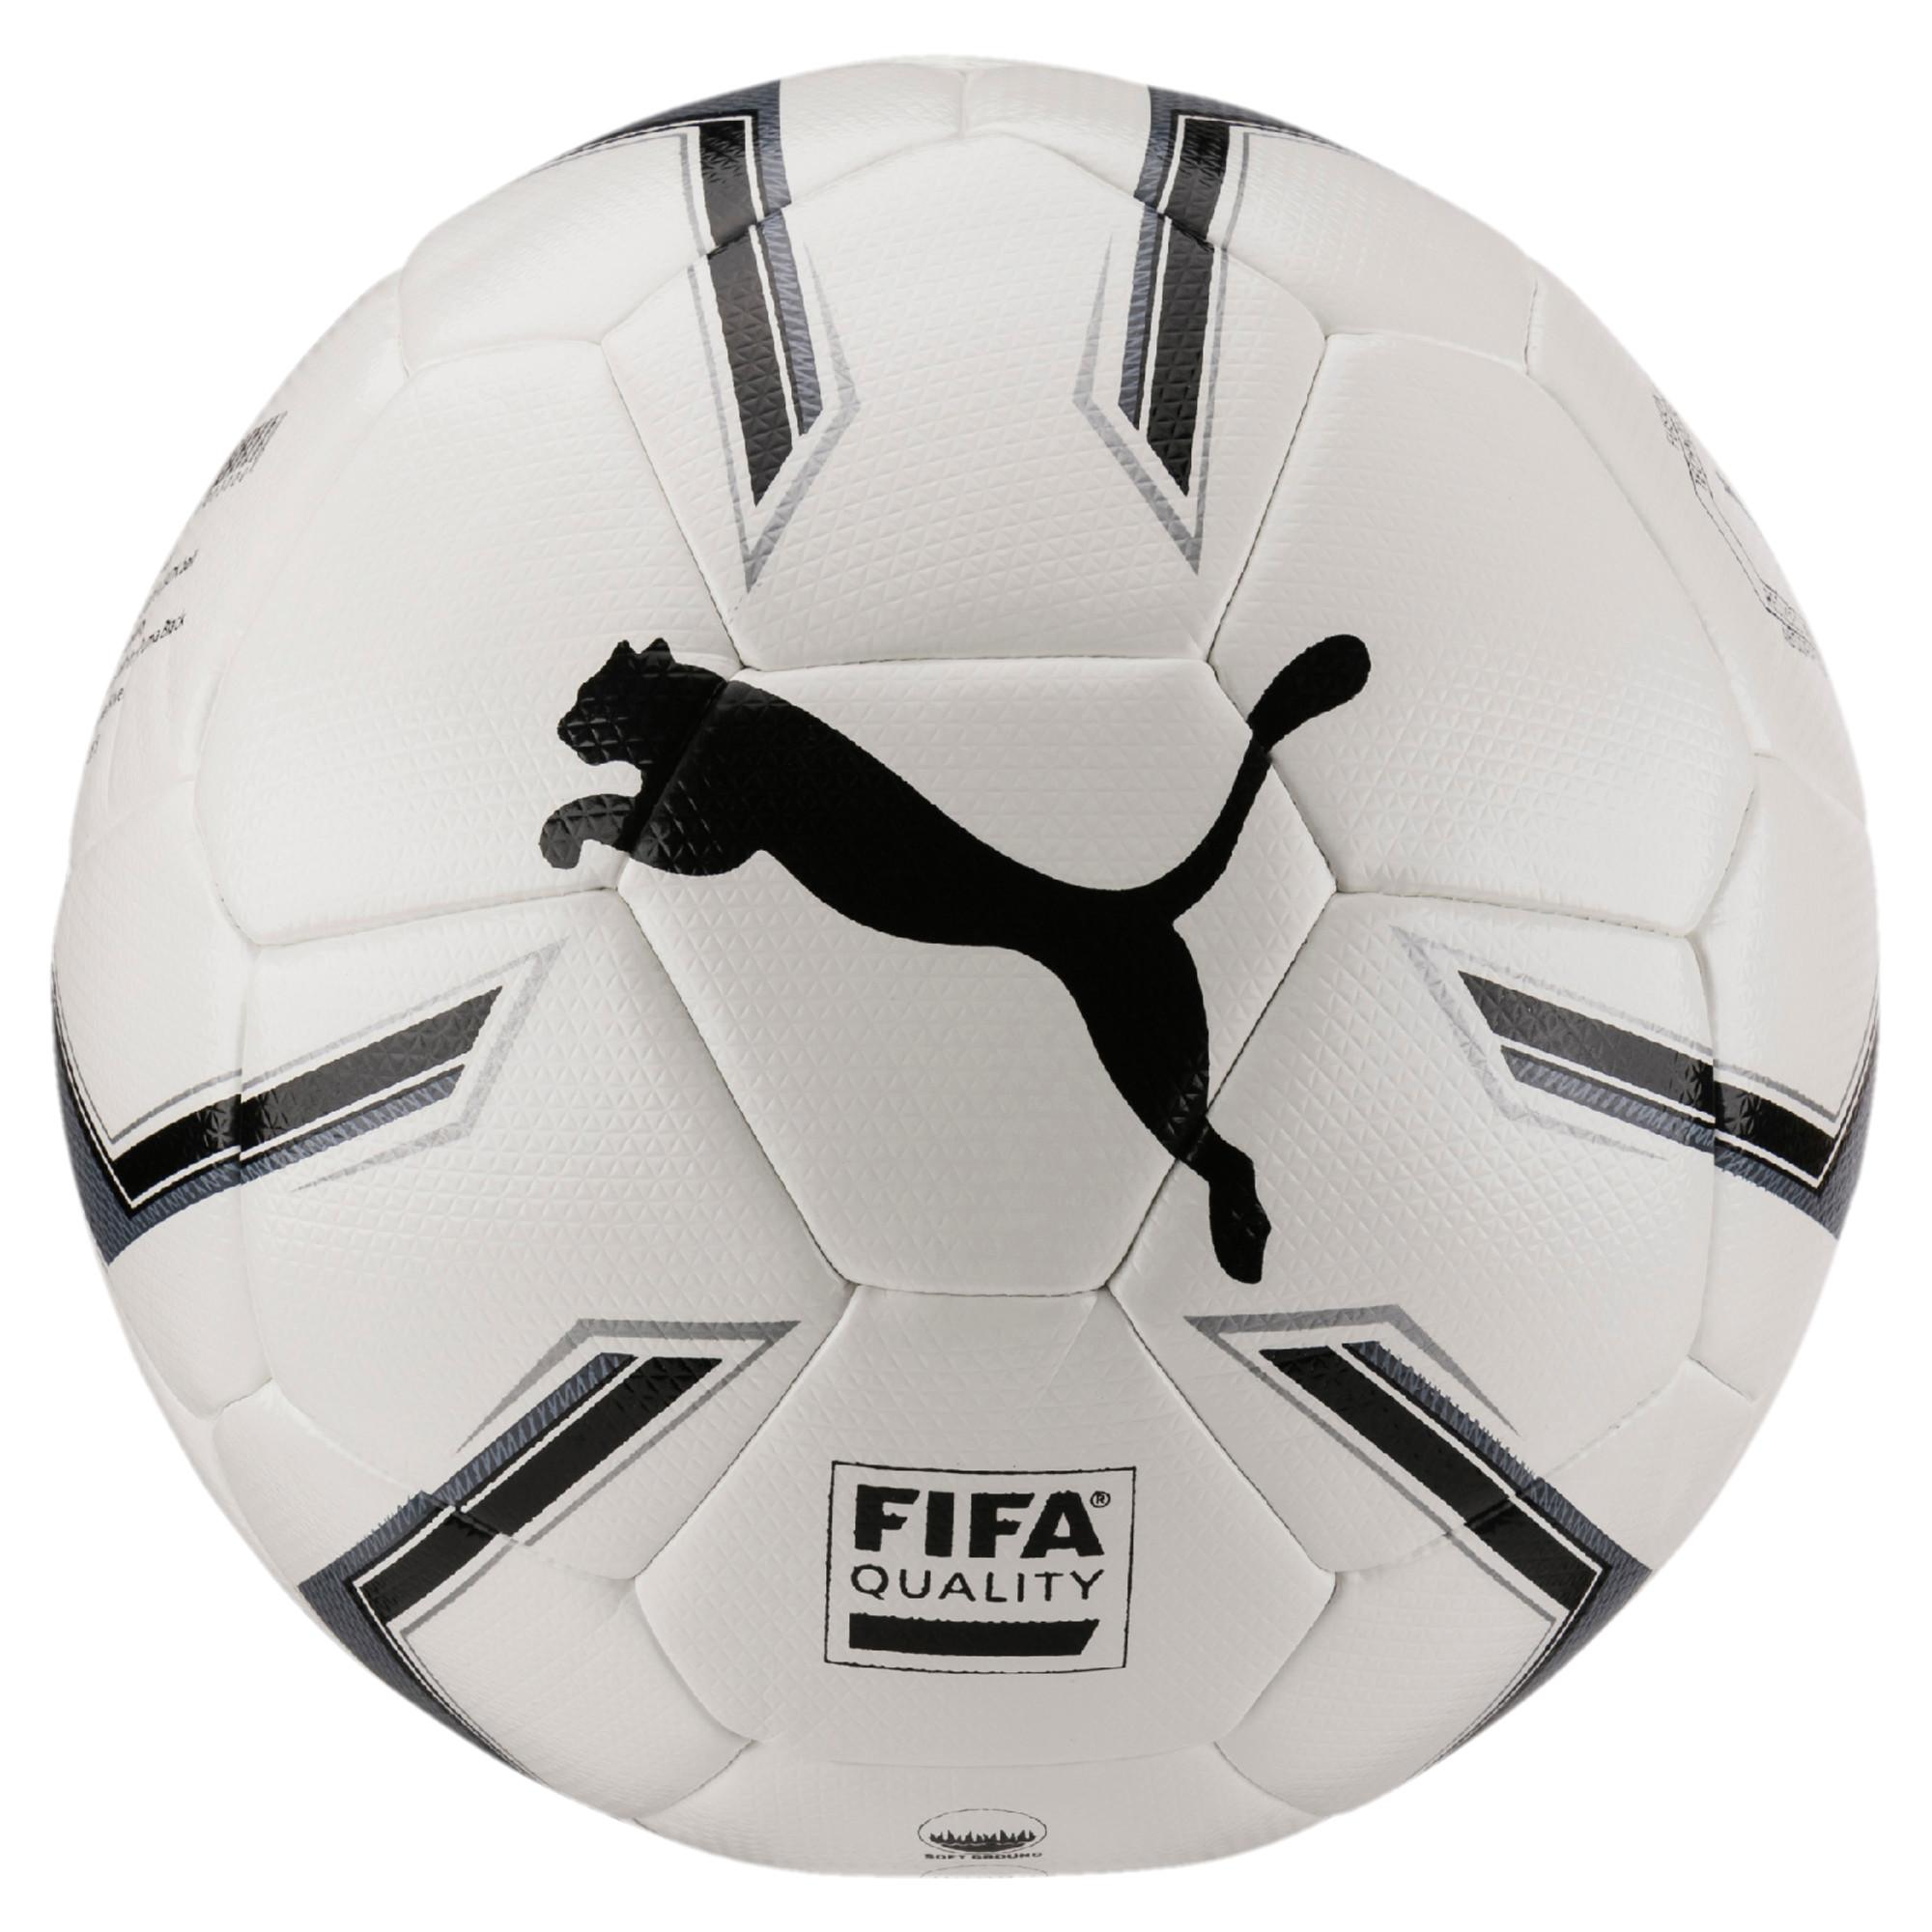 高校サッカー ボール 試合球